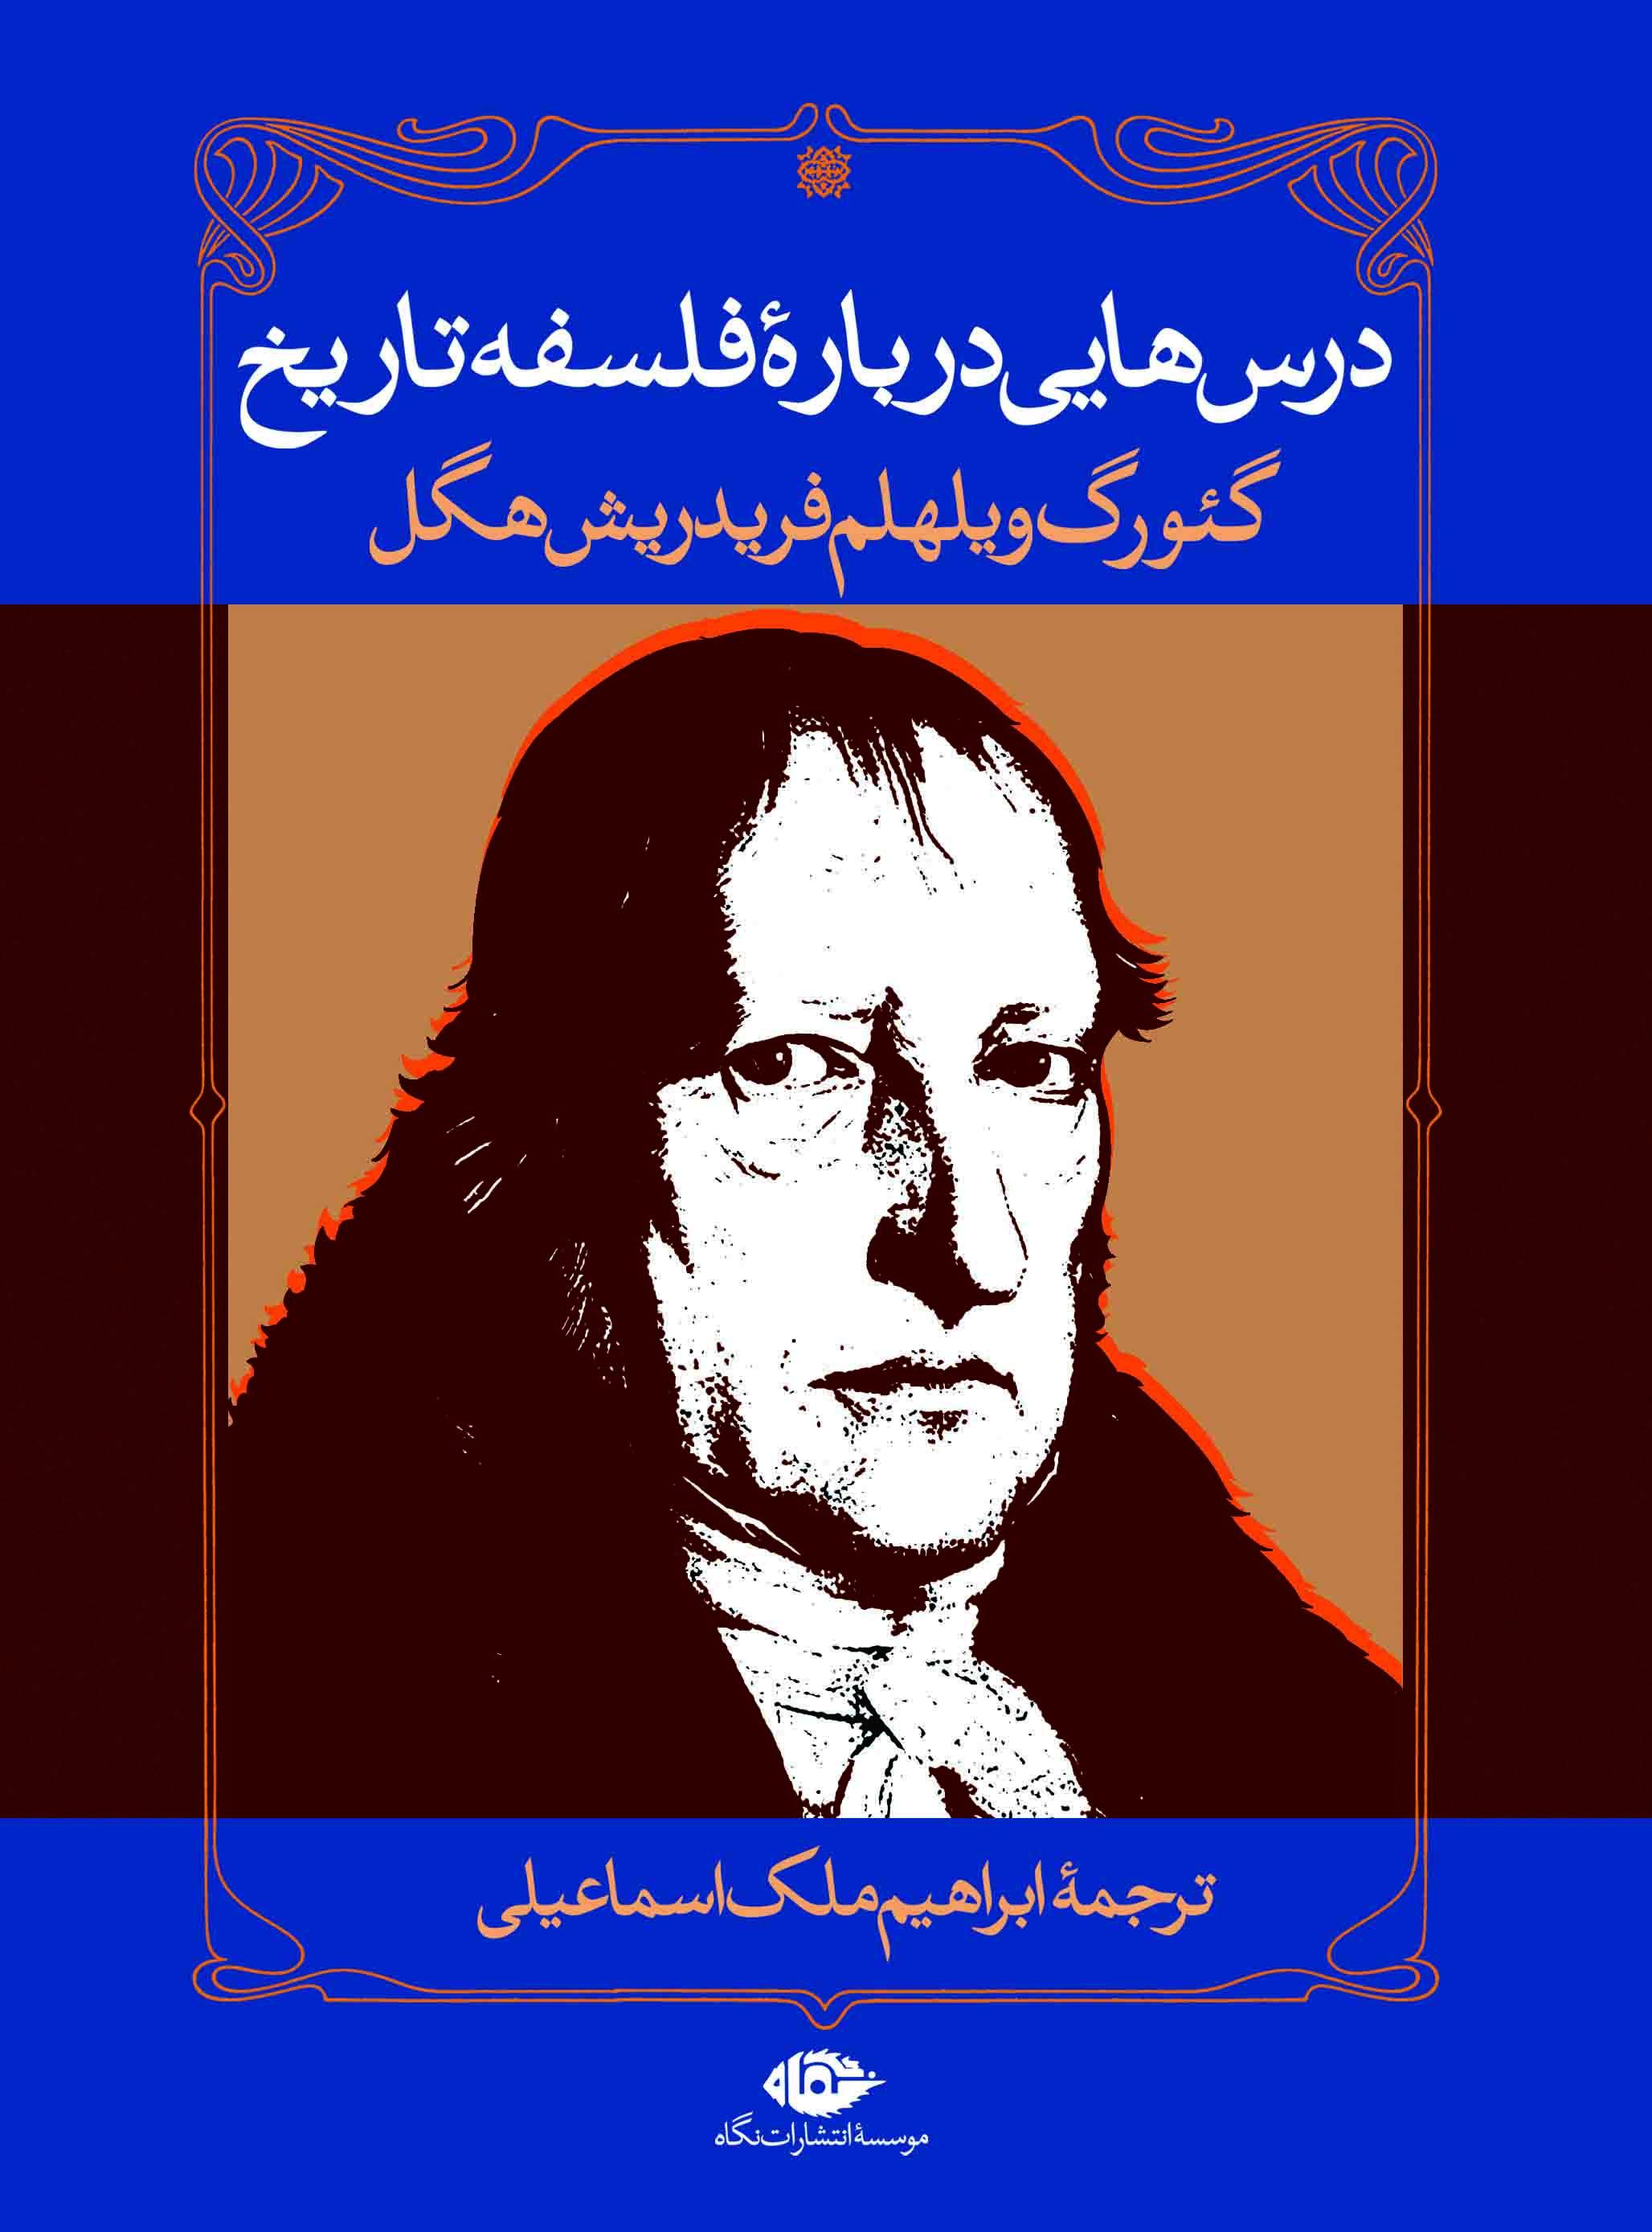 کتاب درس هایی درباره فلسفه تاریخ